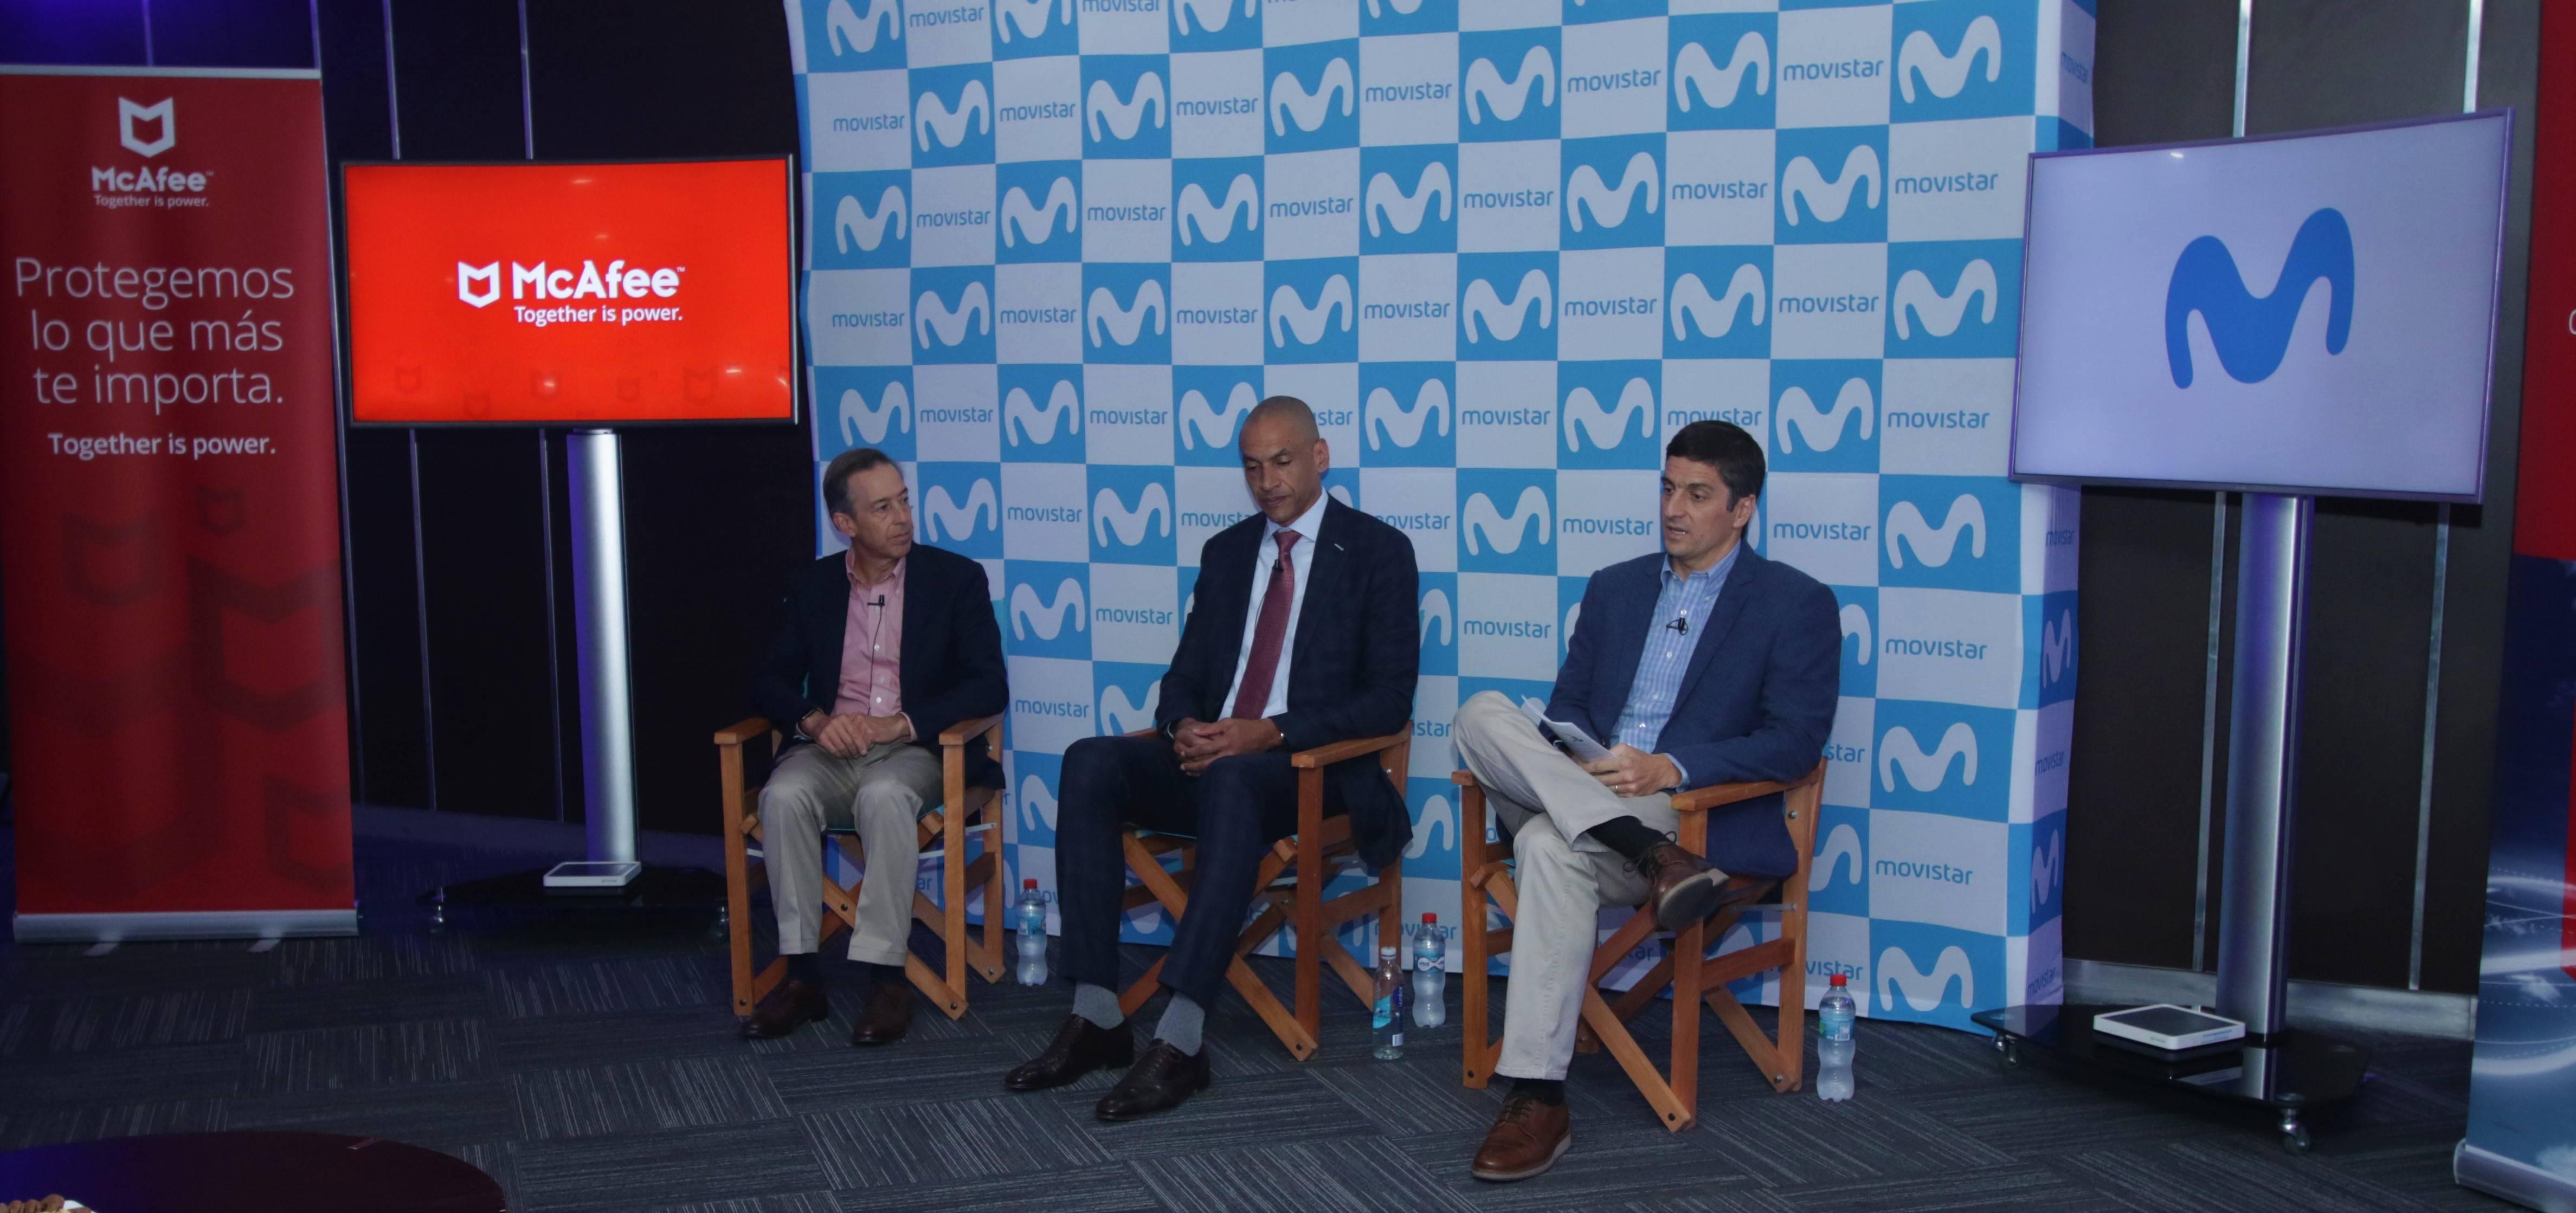 Movistar lanzó servicio anti-malware directo al servicio de fibra óptica, sin instalación